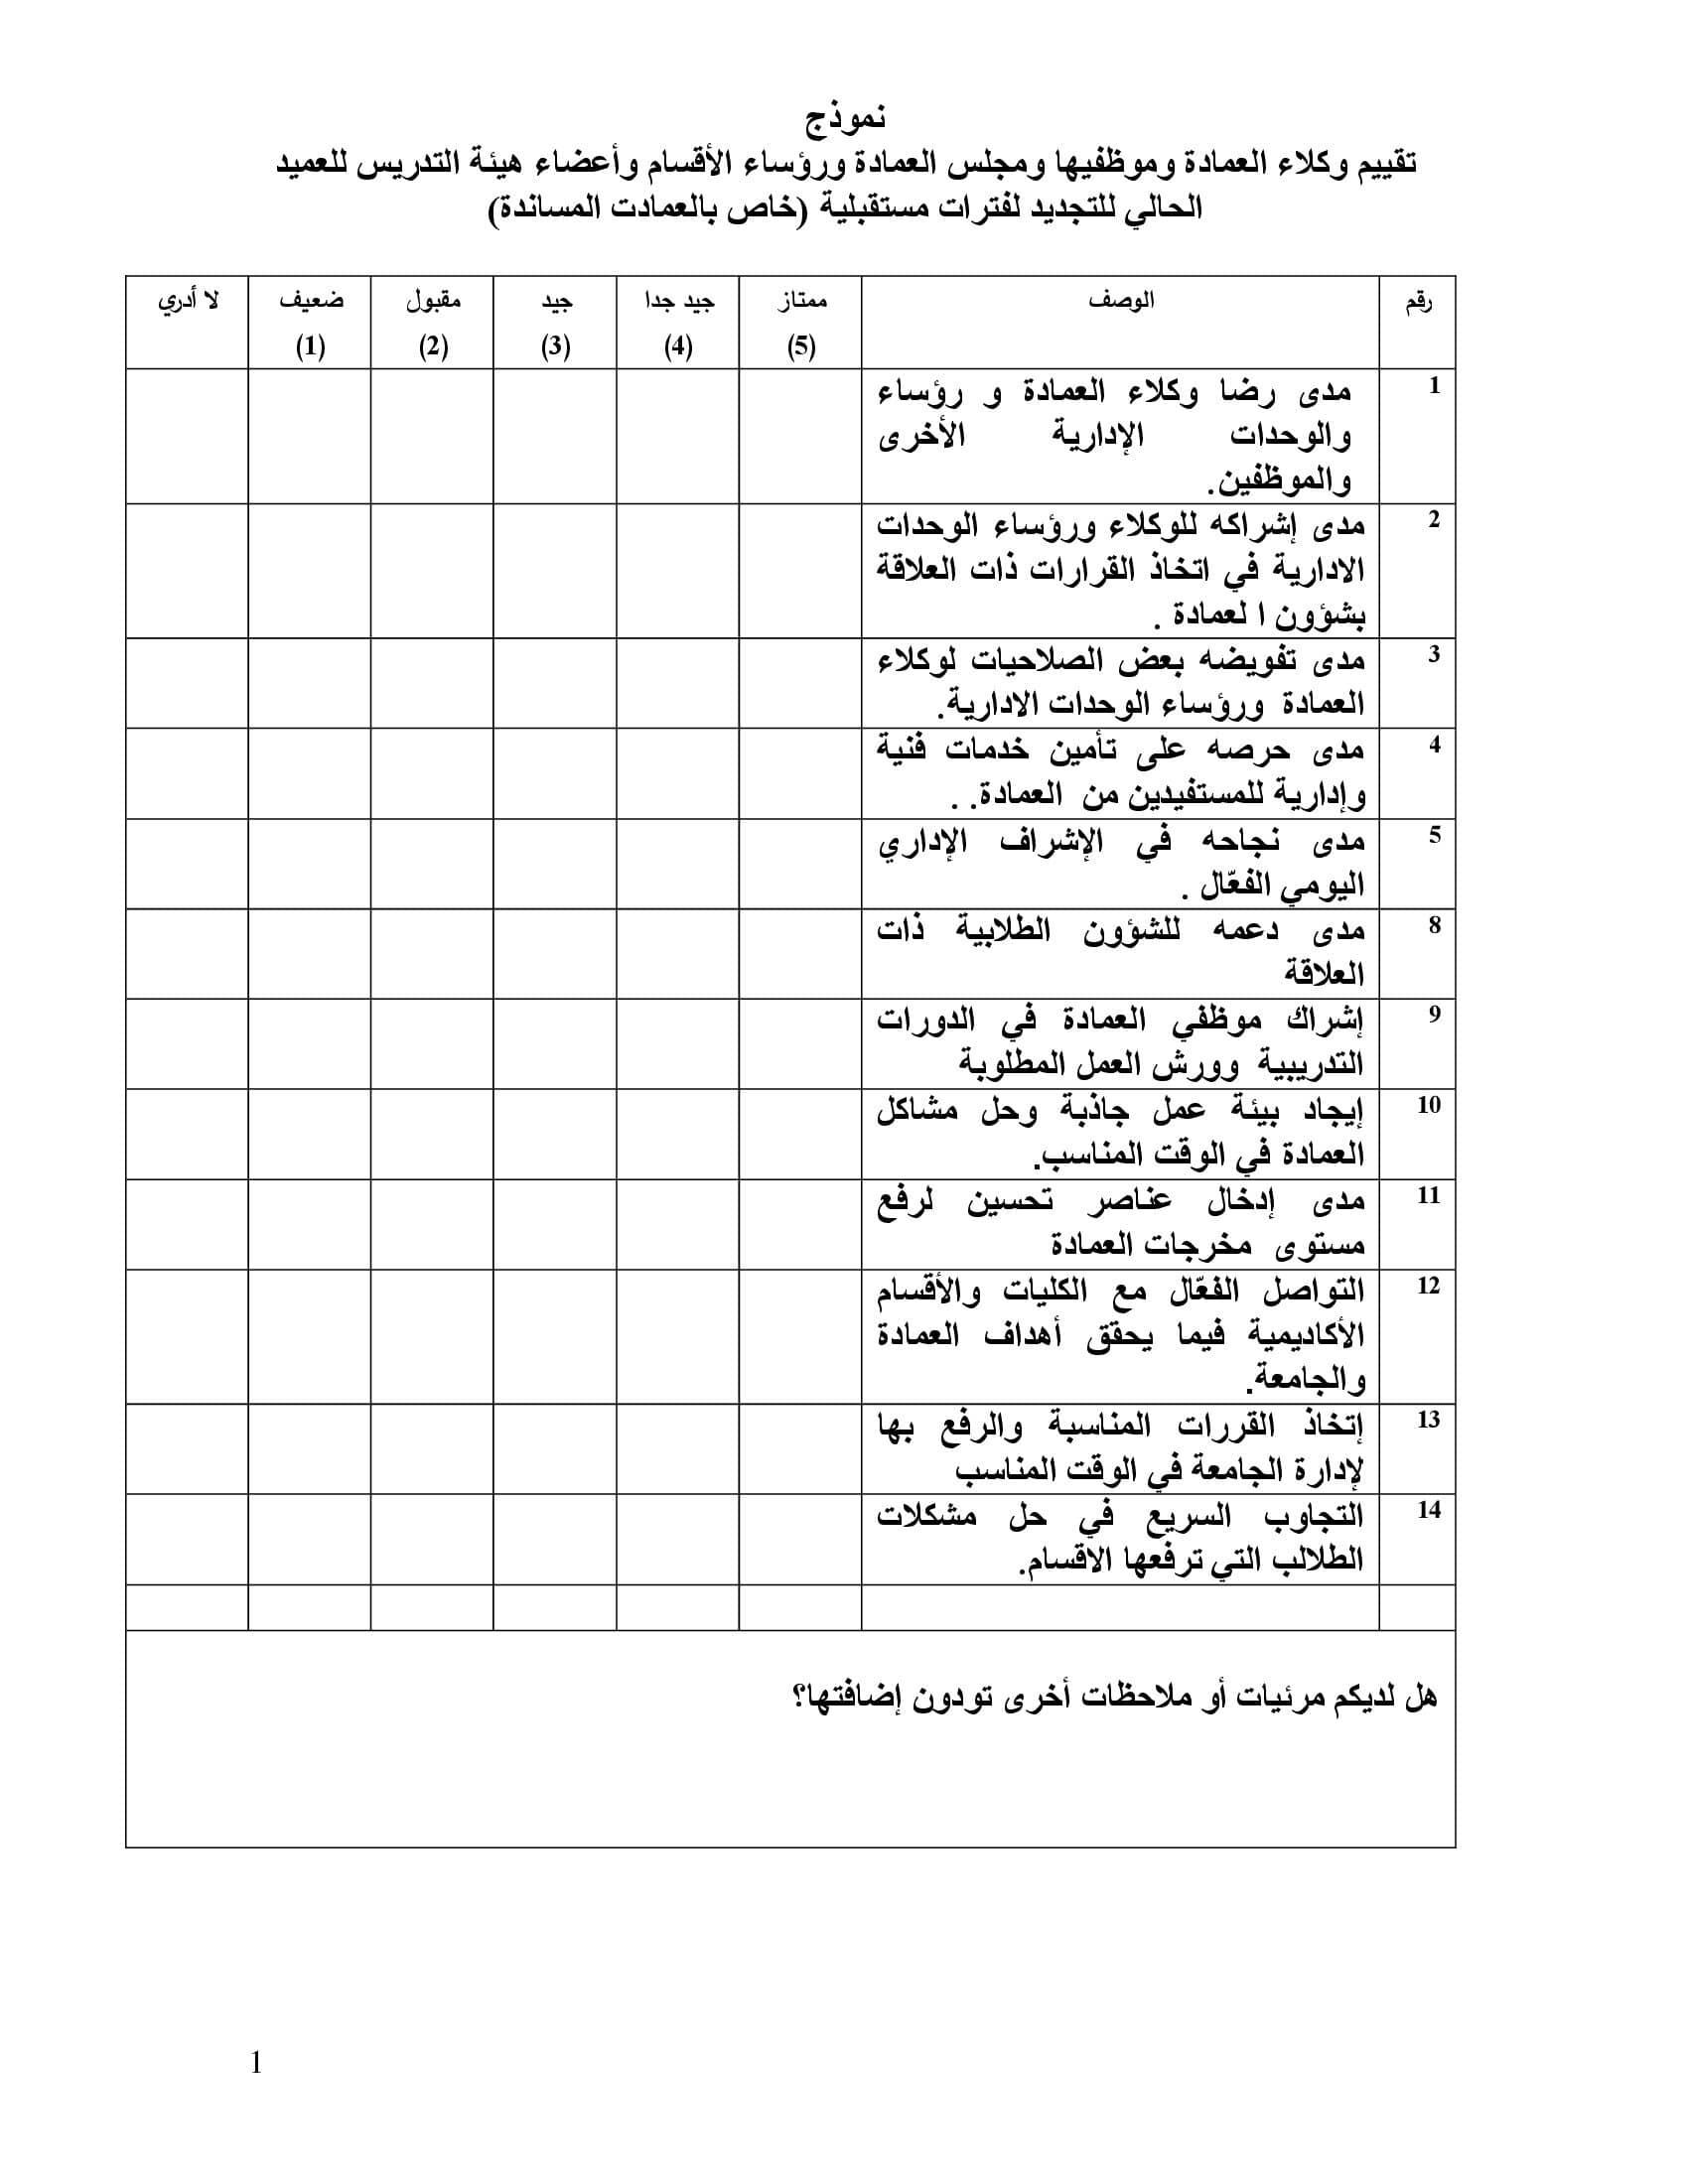 نموذج تقييم الدكاترة ksu جامعة الملك سعود ..